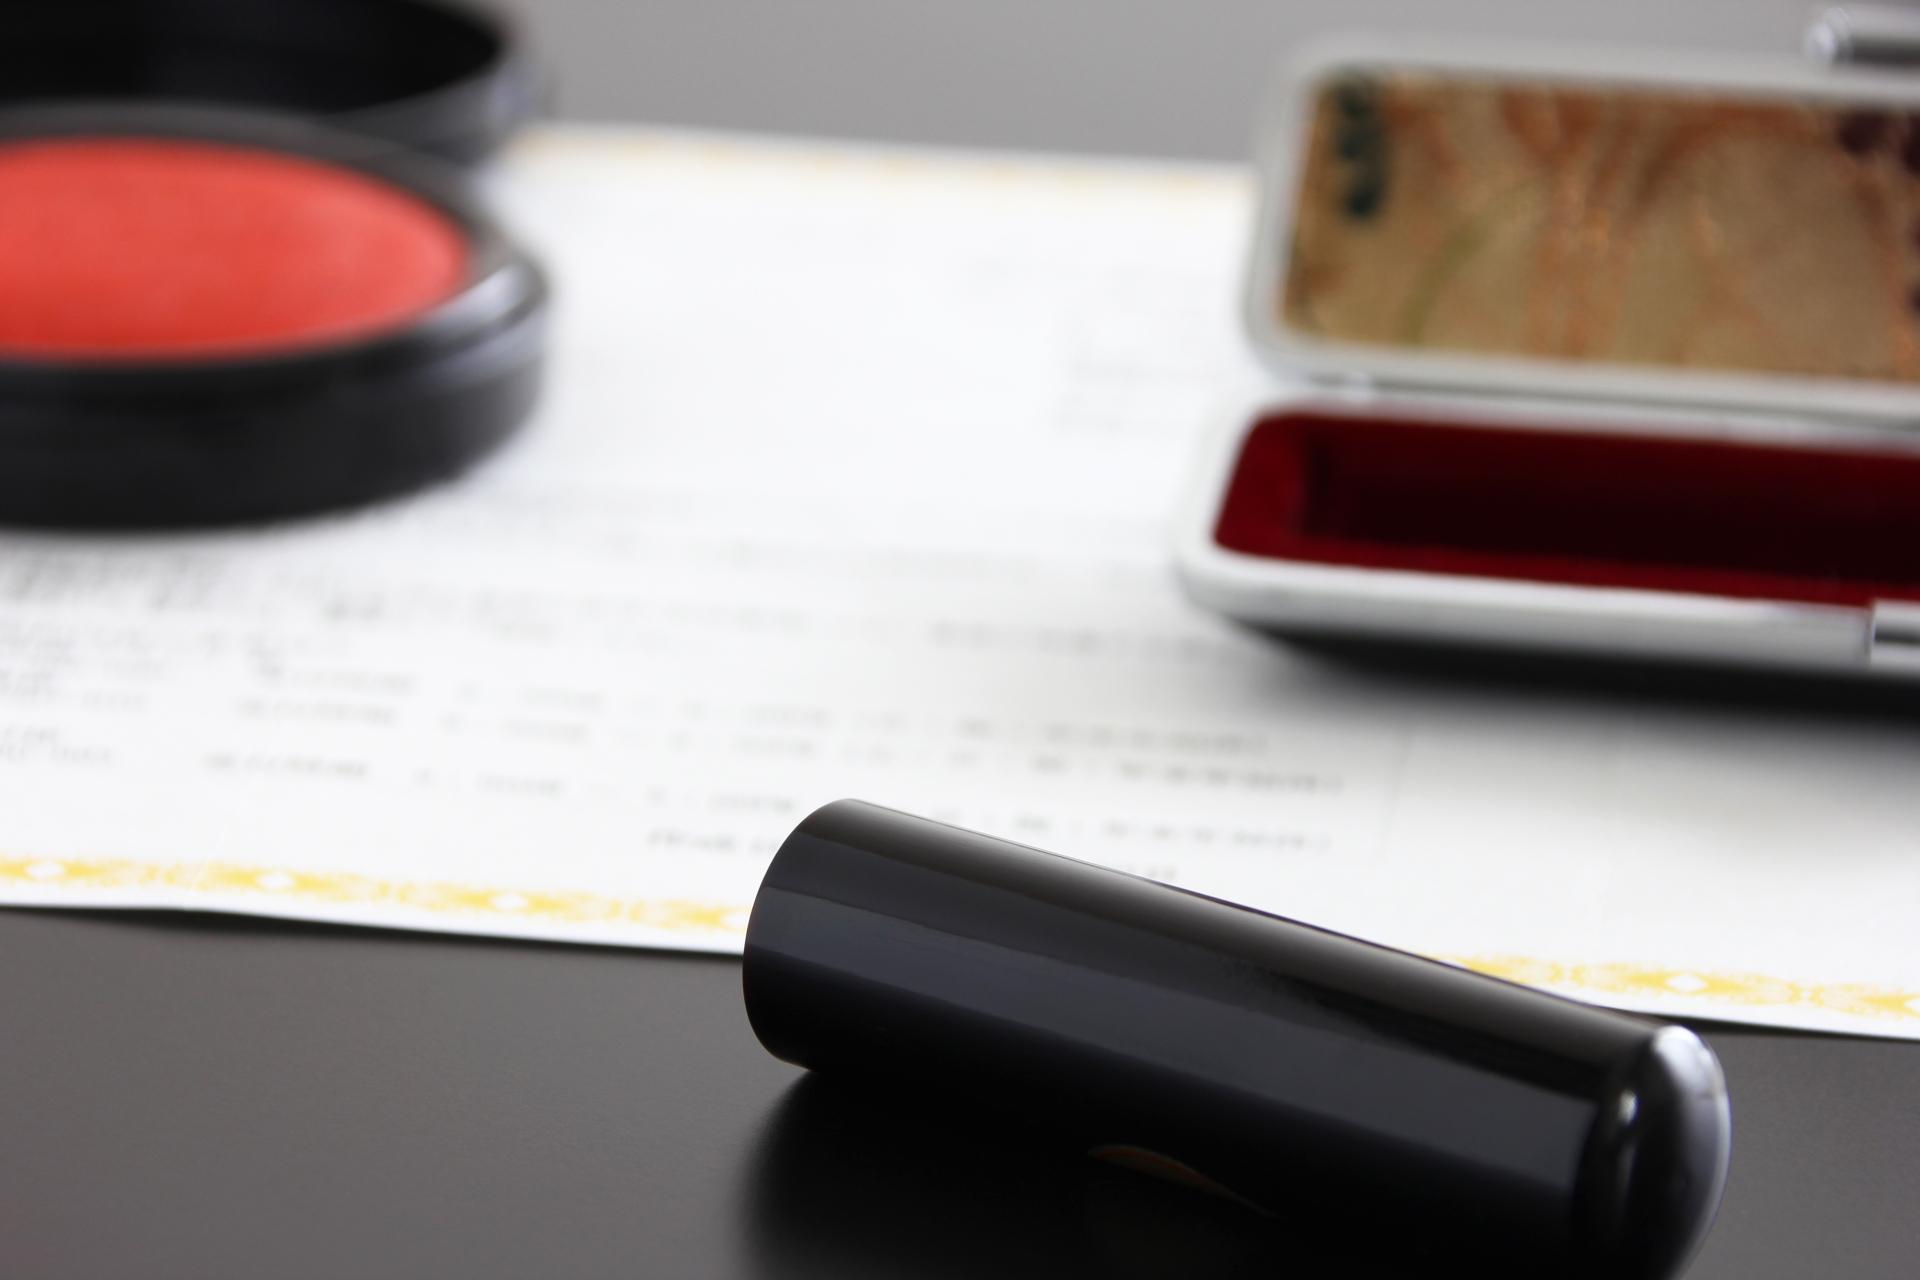 車庫証明の必要な書類を車庫証明代行サポート長野が解説します